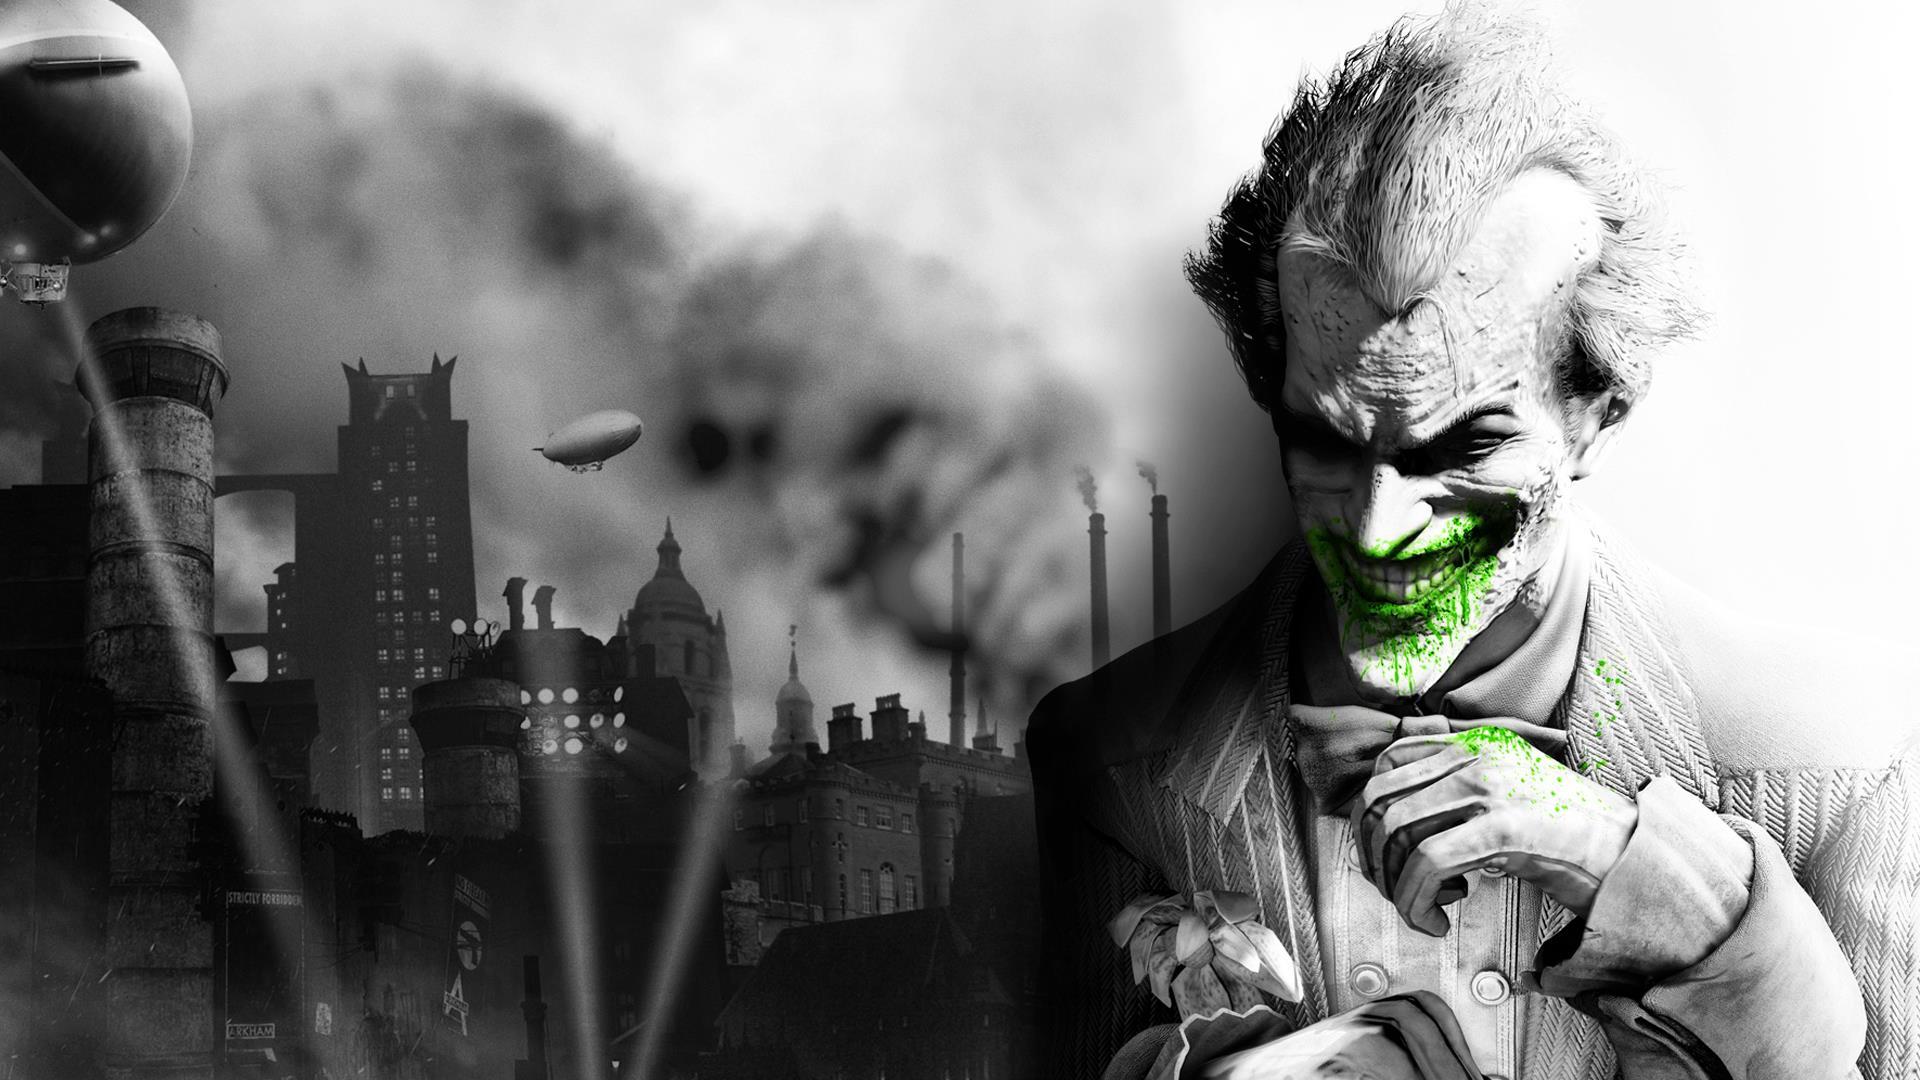 Batman: Arkham City Wallpapers, Pictures, Images